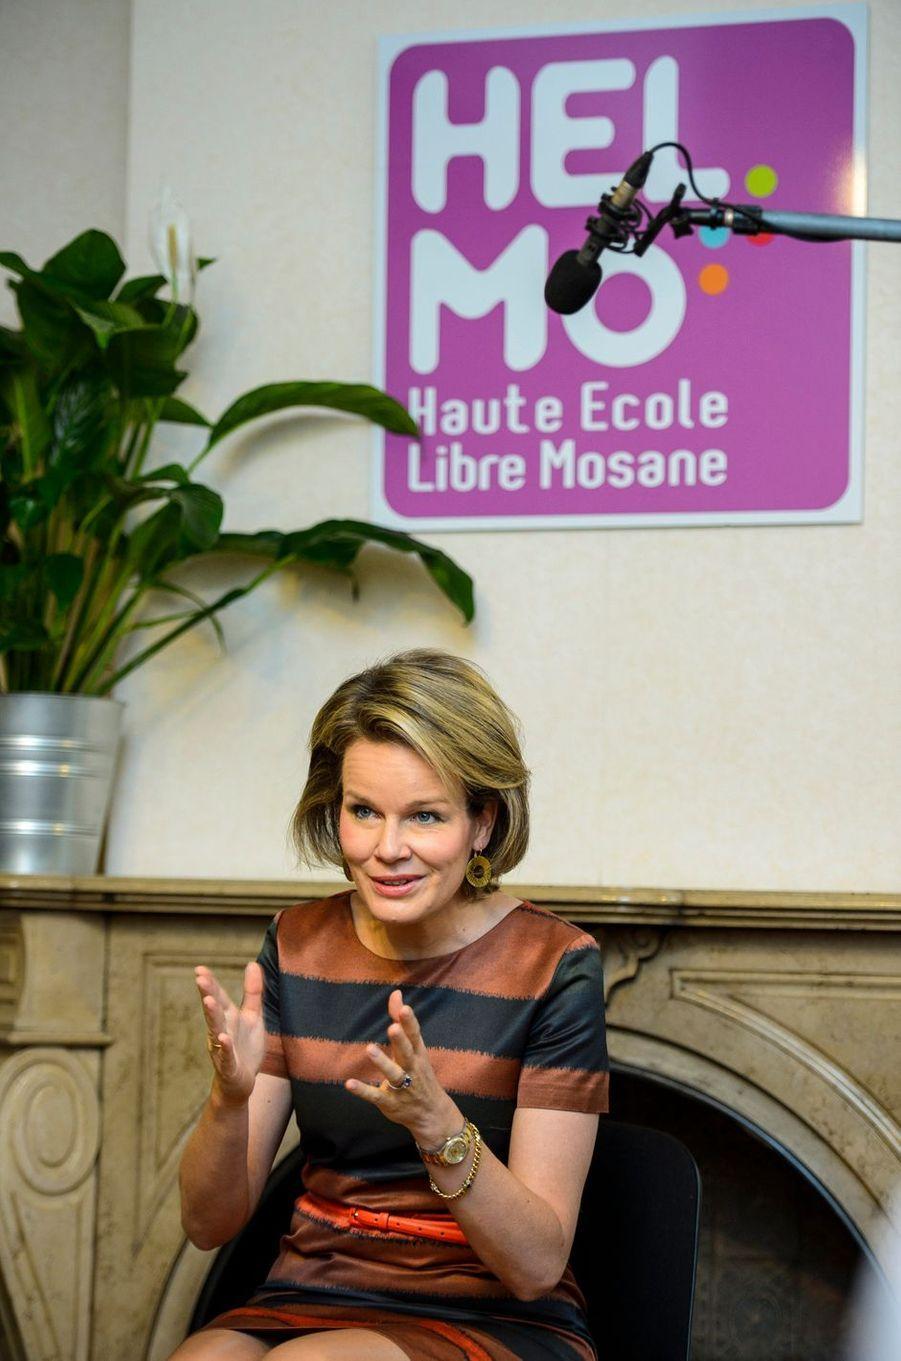 La reine Mathilde de Belgique à la Haute école libre Mosane à Liège, le 9 février 2017